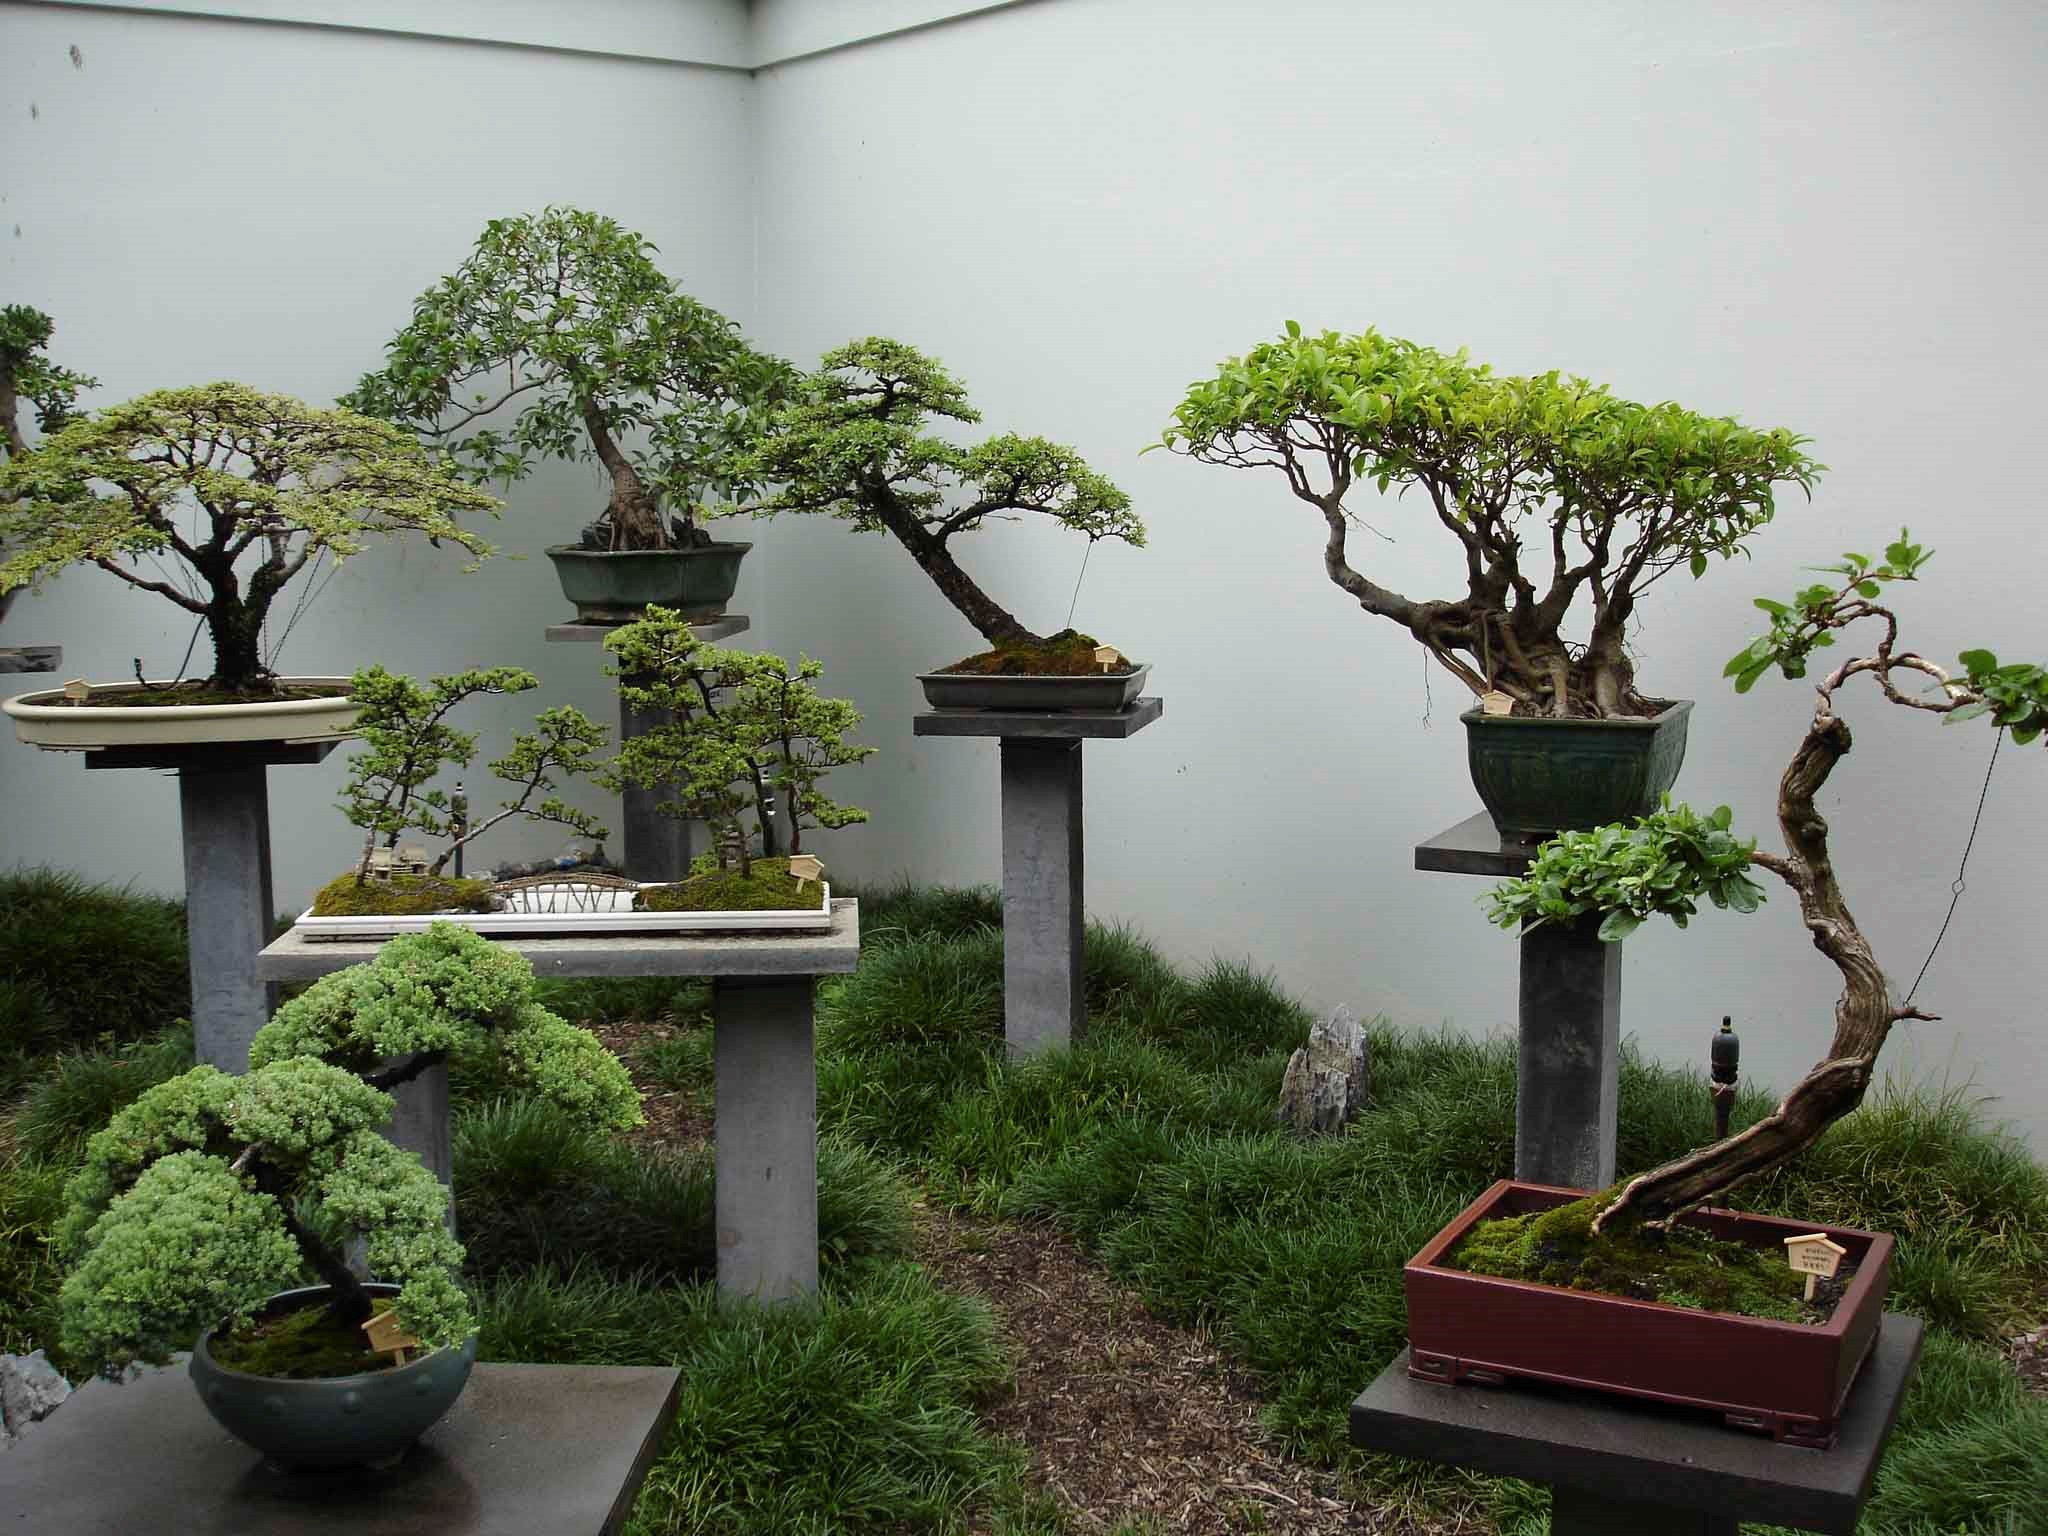 L'art du bonsaï a été diffusé par des moines bouddhistes qui souhaitaient faire entrer la nature à l'intérieur de leurs temples.